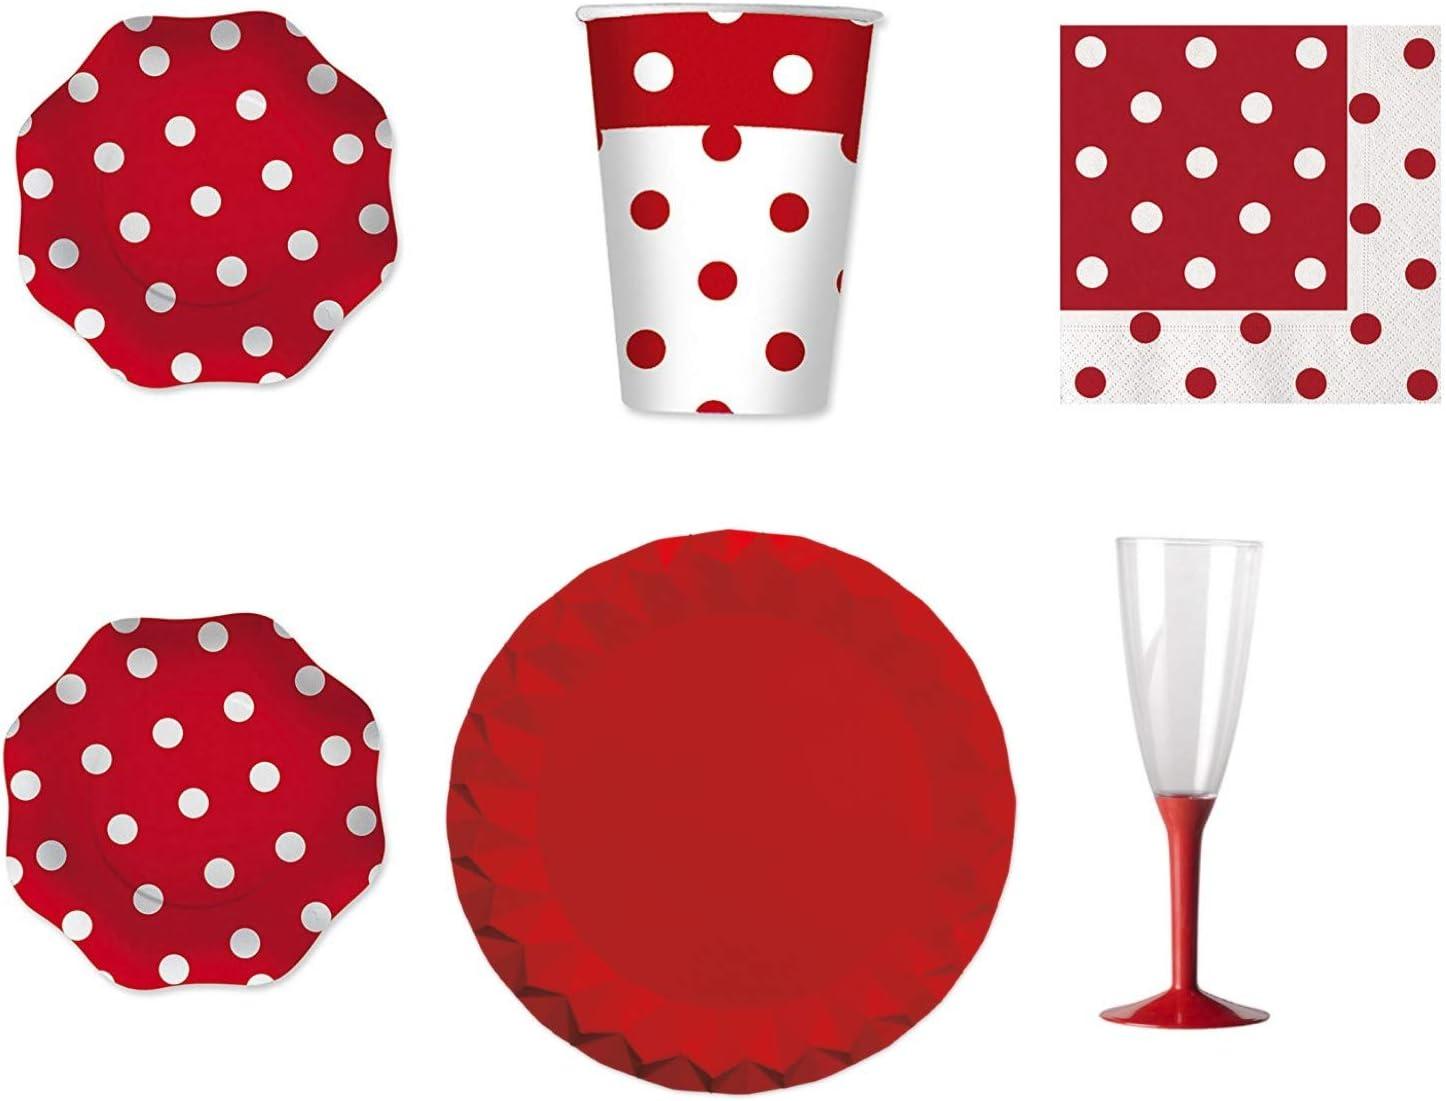 coordonn/é Pois Rouges de Table pour f/ête et Party Kit N.20/ / 40/Assiettes, Verres, 40/Serviettes, 40/Fl/ûte avec Base Rouge